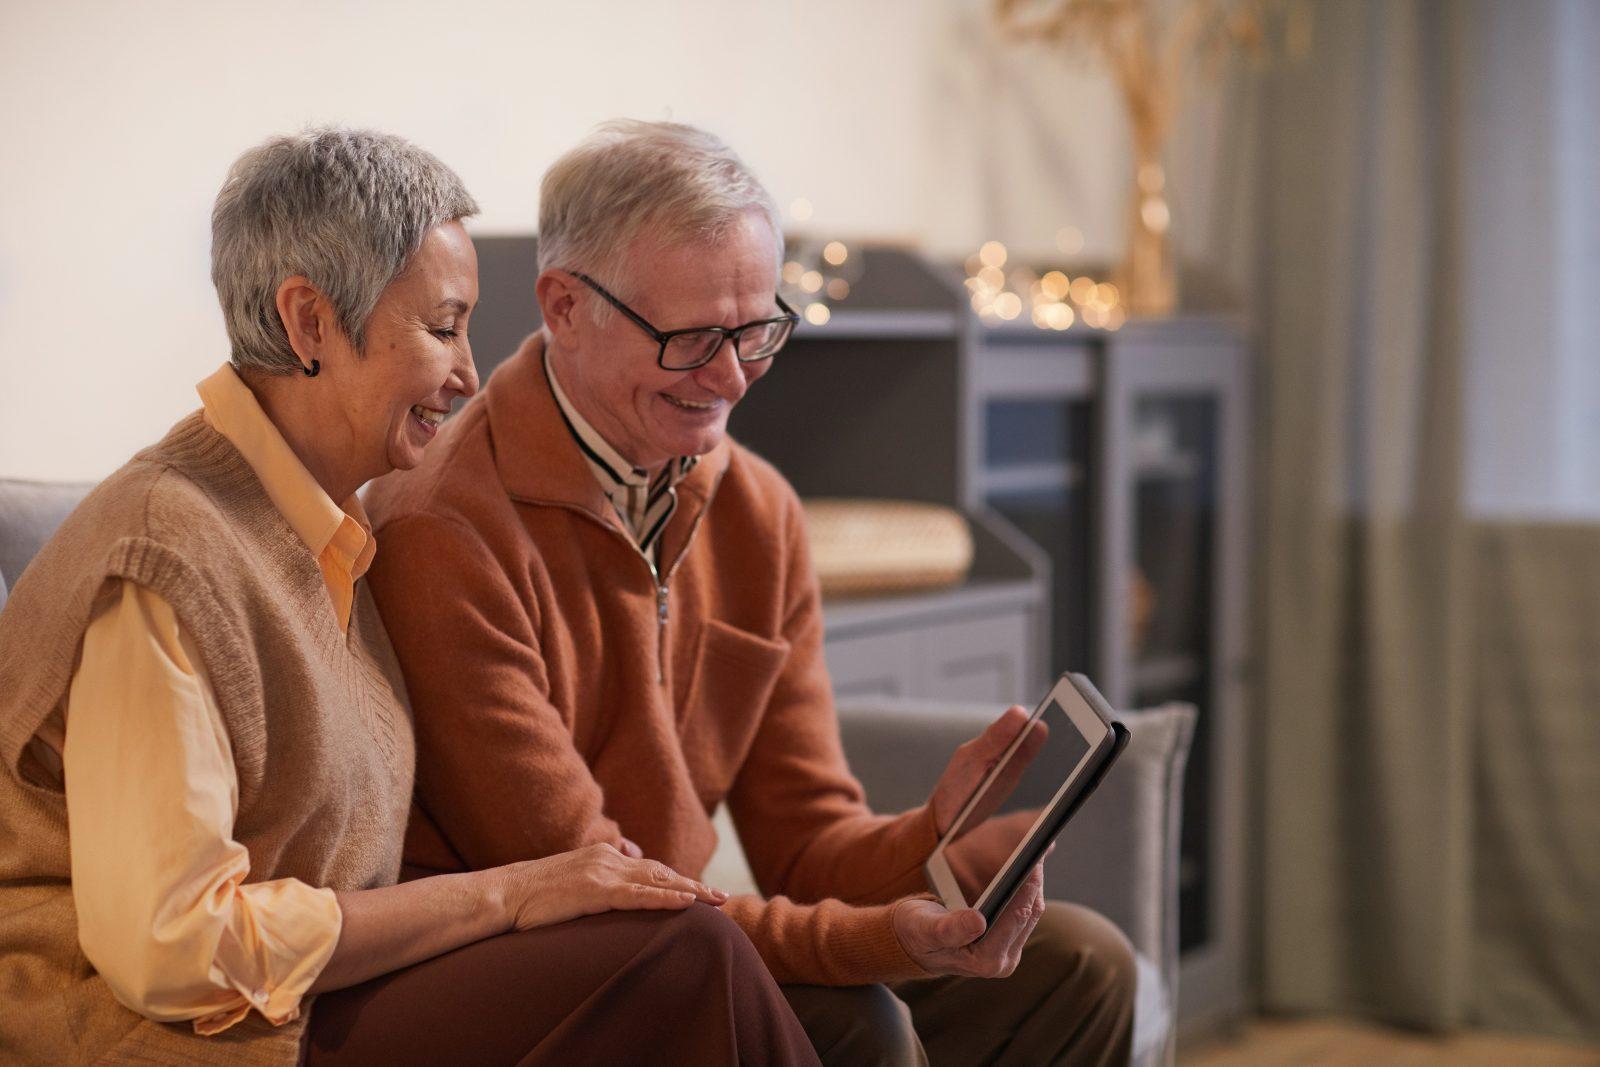 Une plateforme numérique pour offrir des outils aux personnes aînées